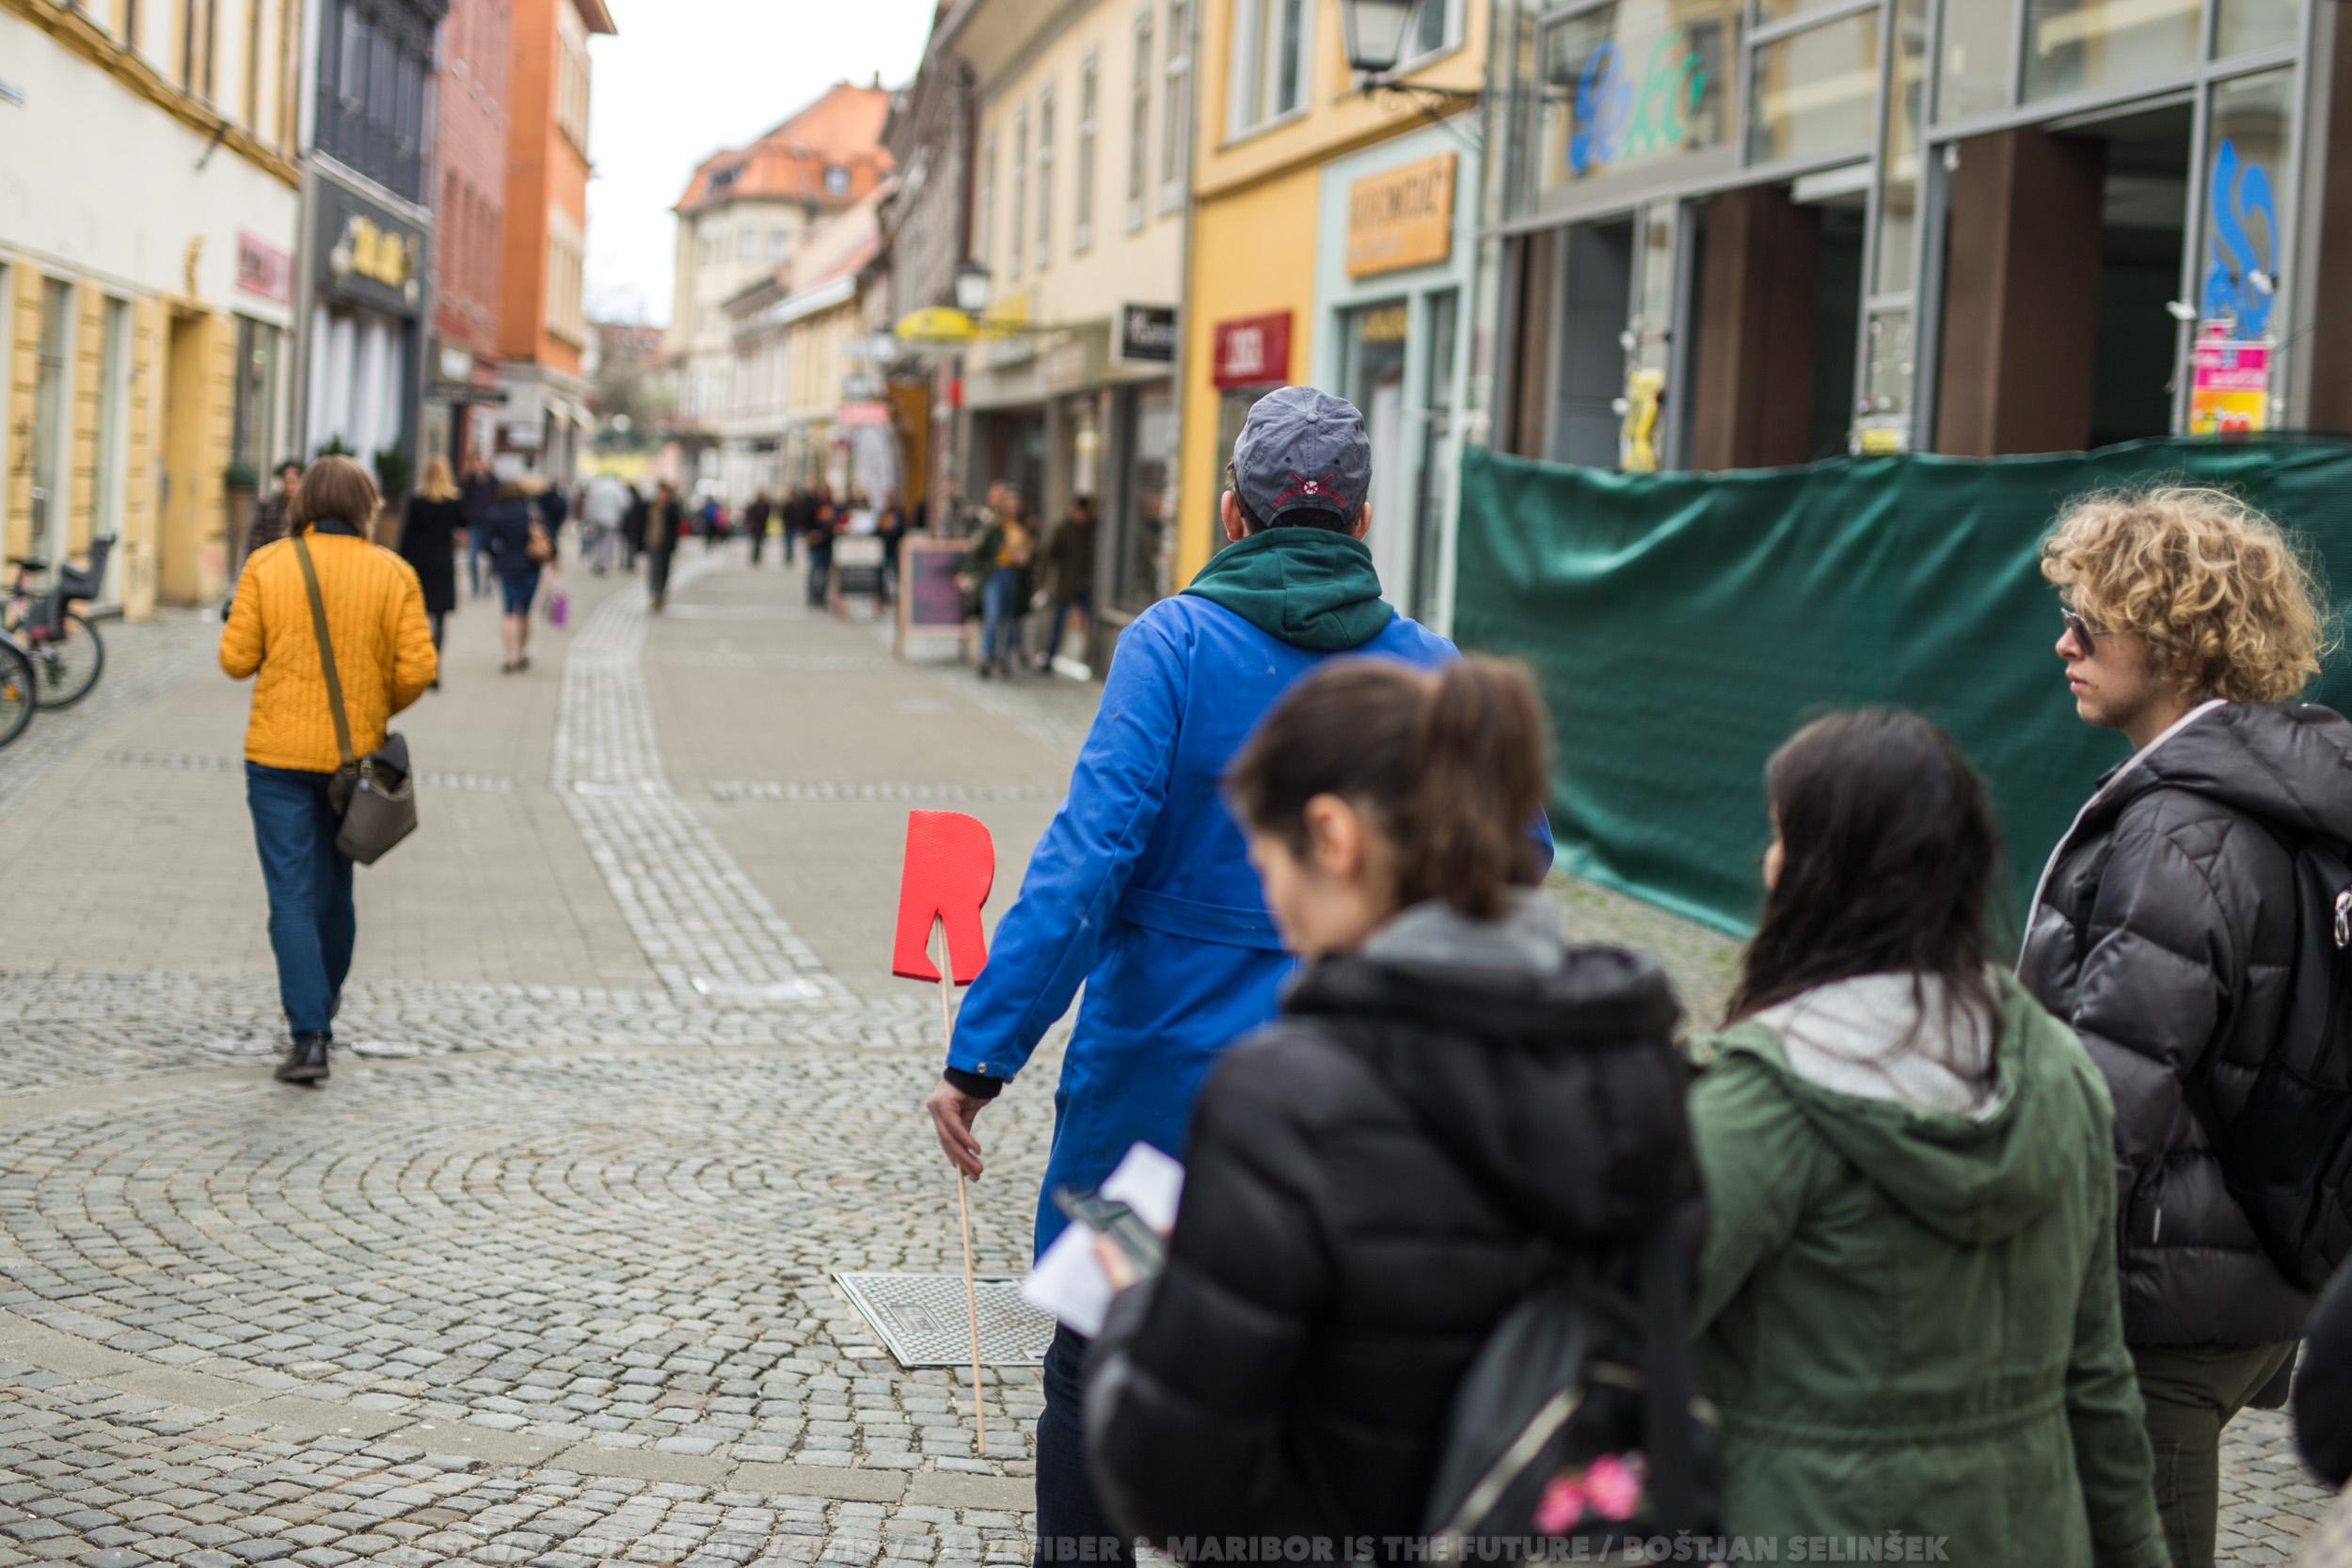 festival sprehodov_1dan_Boštjan Selinšek (8).jpg